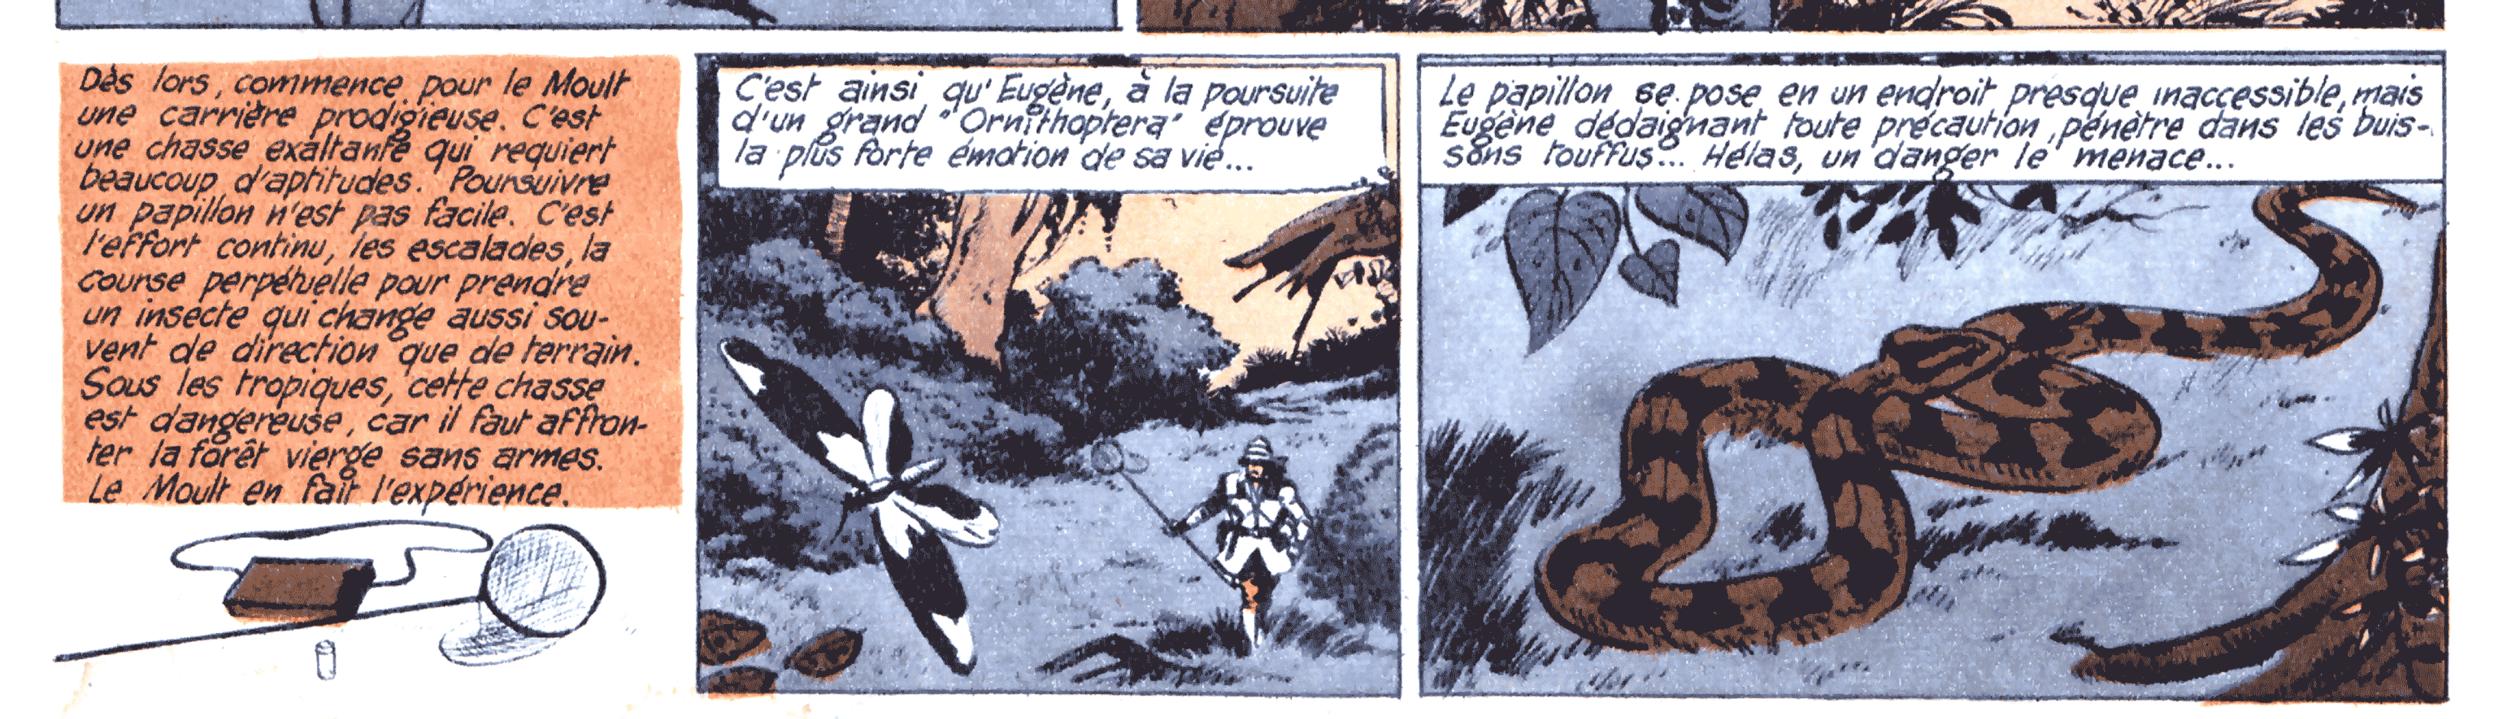 """ジャーナルTINTINユース7から77年 1956年5月24日の第396 """"Le carrousel de l'éphémère""""(ウジェーヌ・ル・ムールト、蝶ハンターの生活)"""